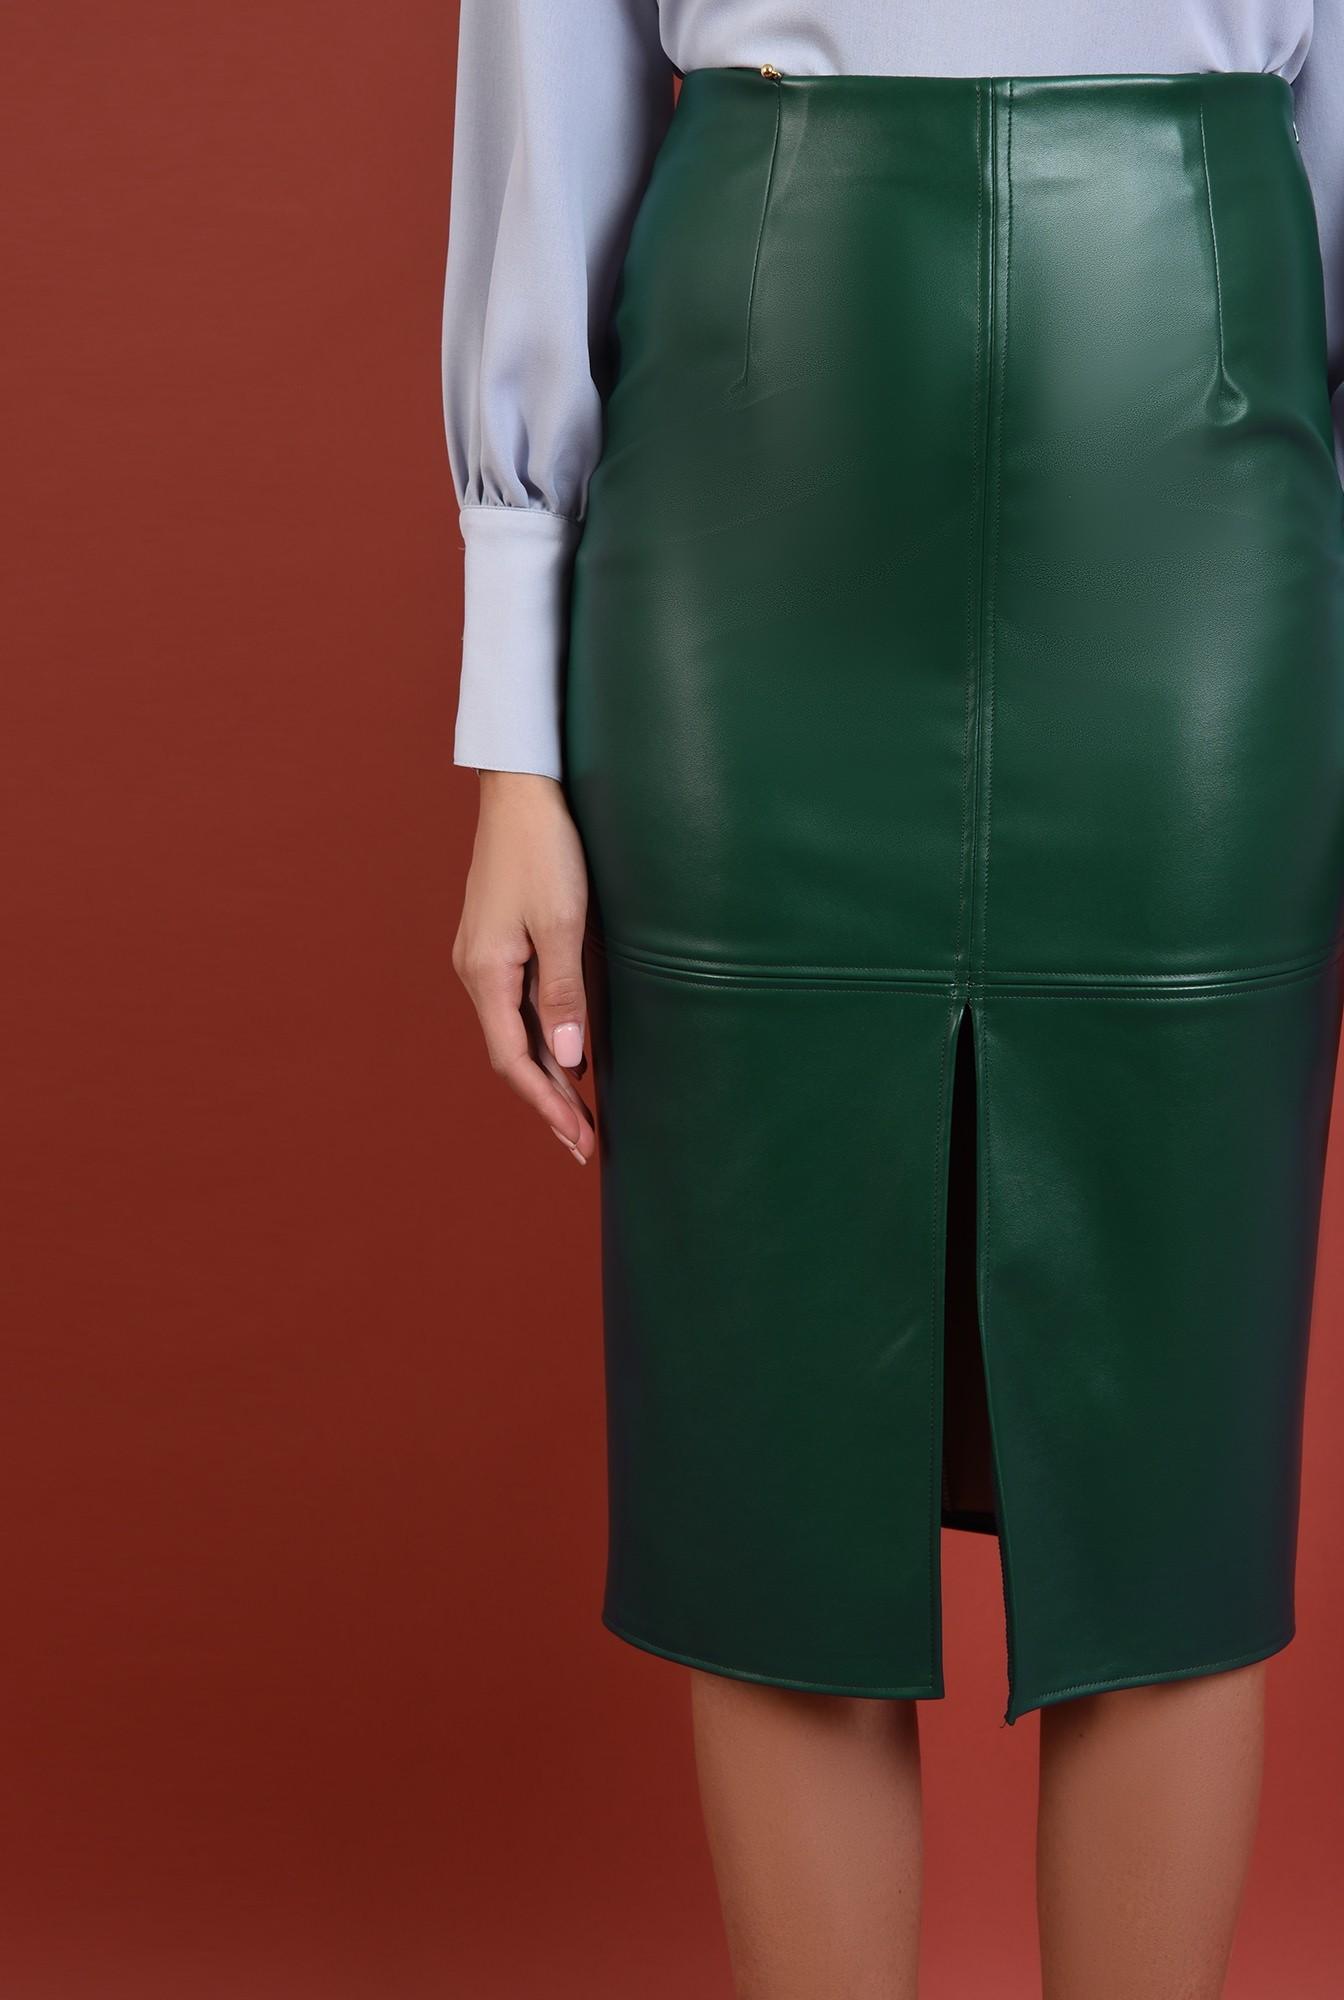 2 - 360 - fusta din piele, verde, conica, slit in fata, midi, Poema